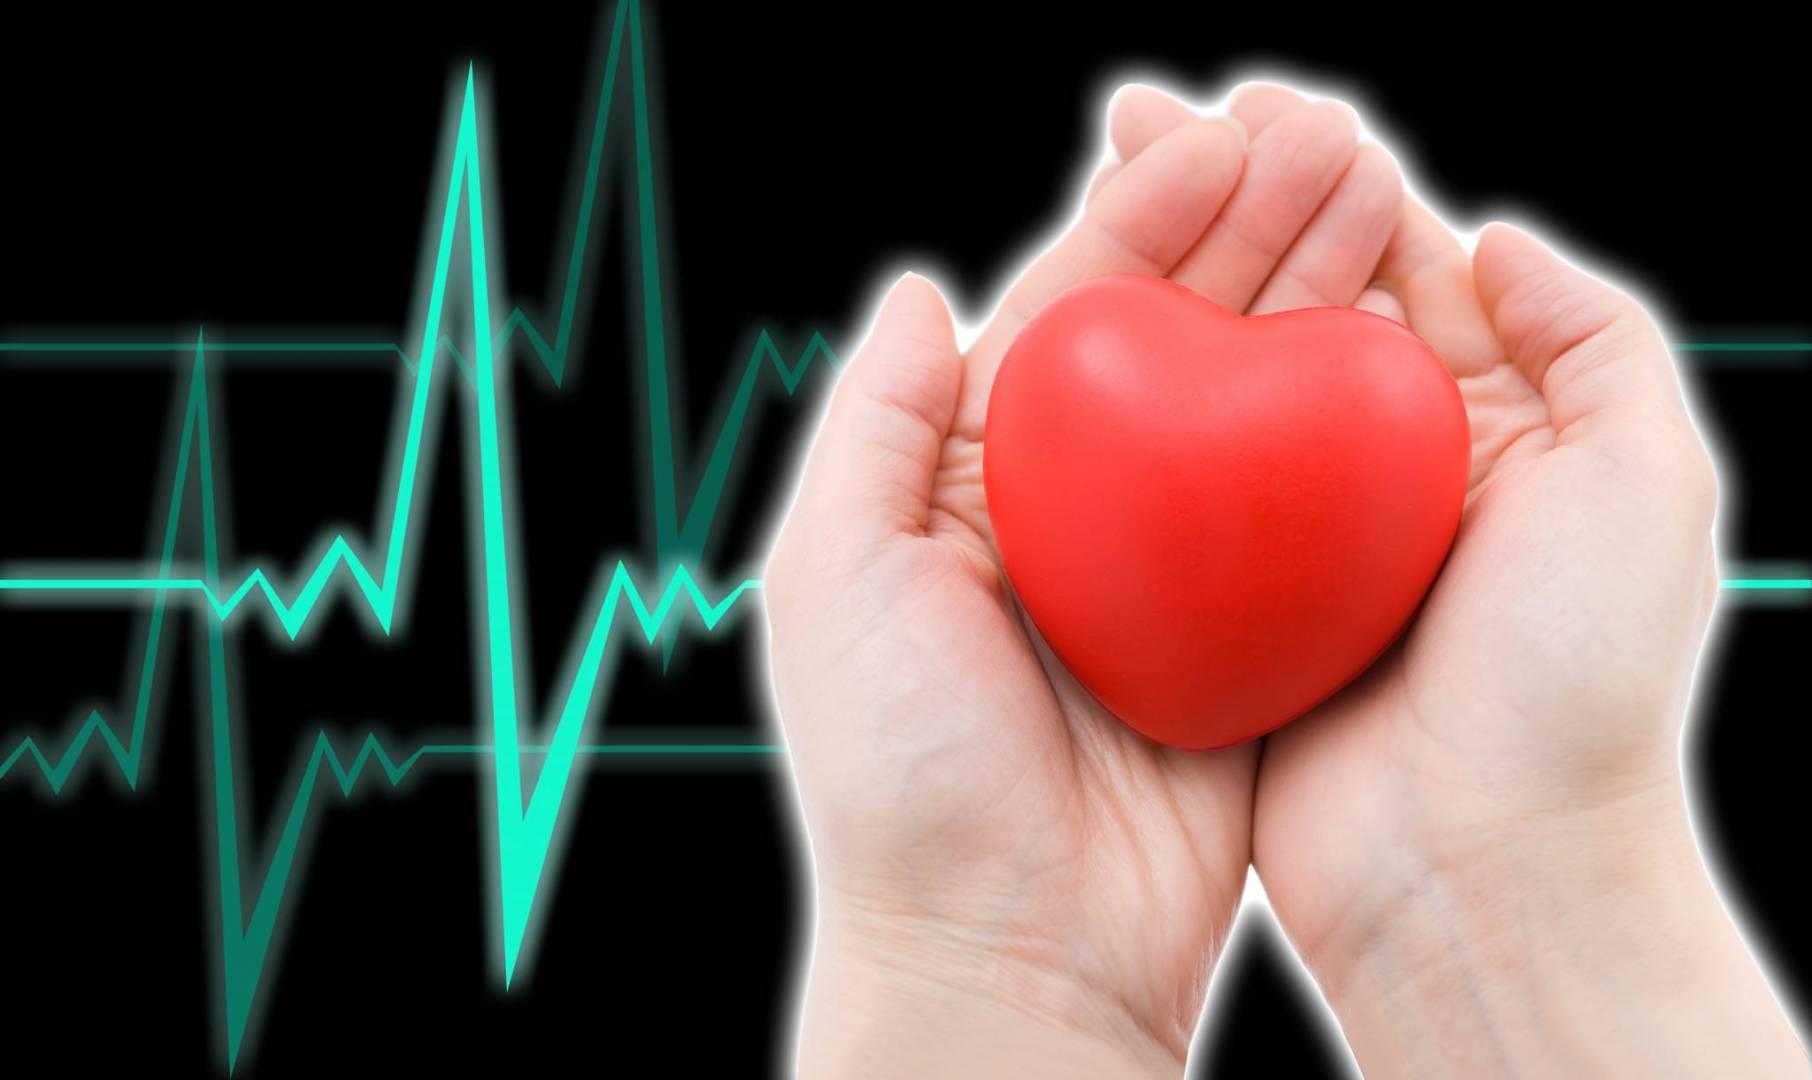 برامج إعادة تأهيل القلب تحمي كبار السن من النوبات القلبية